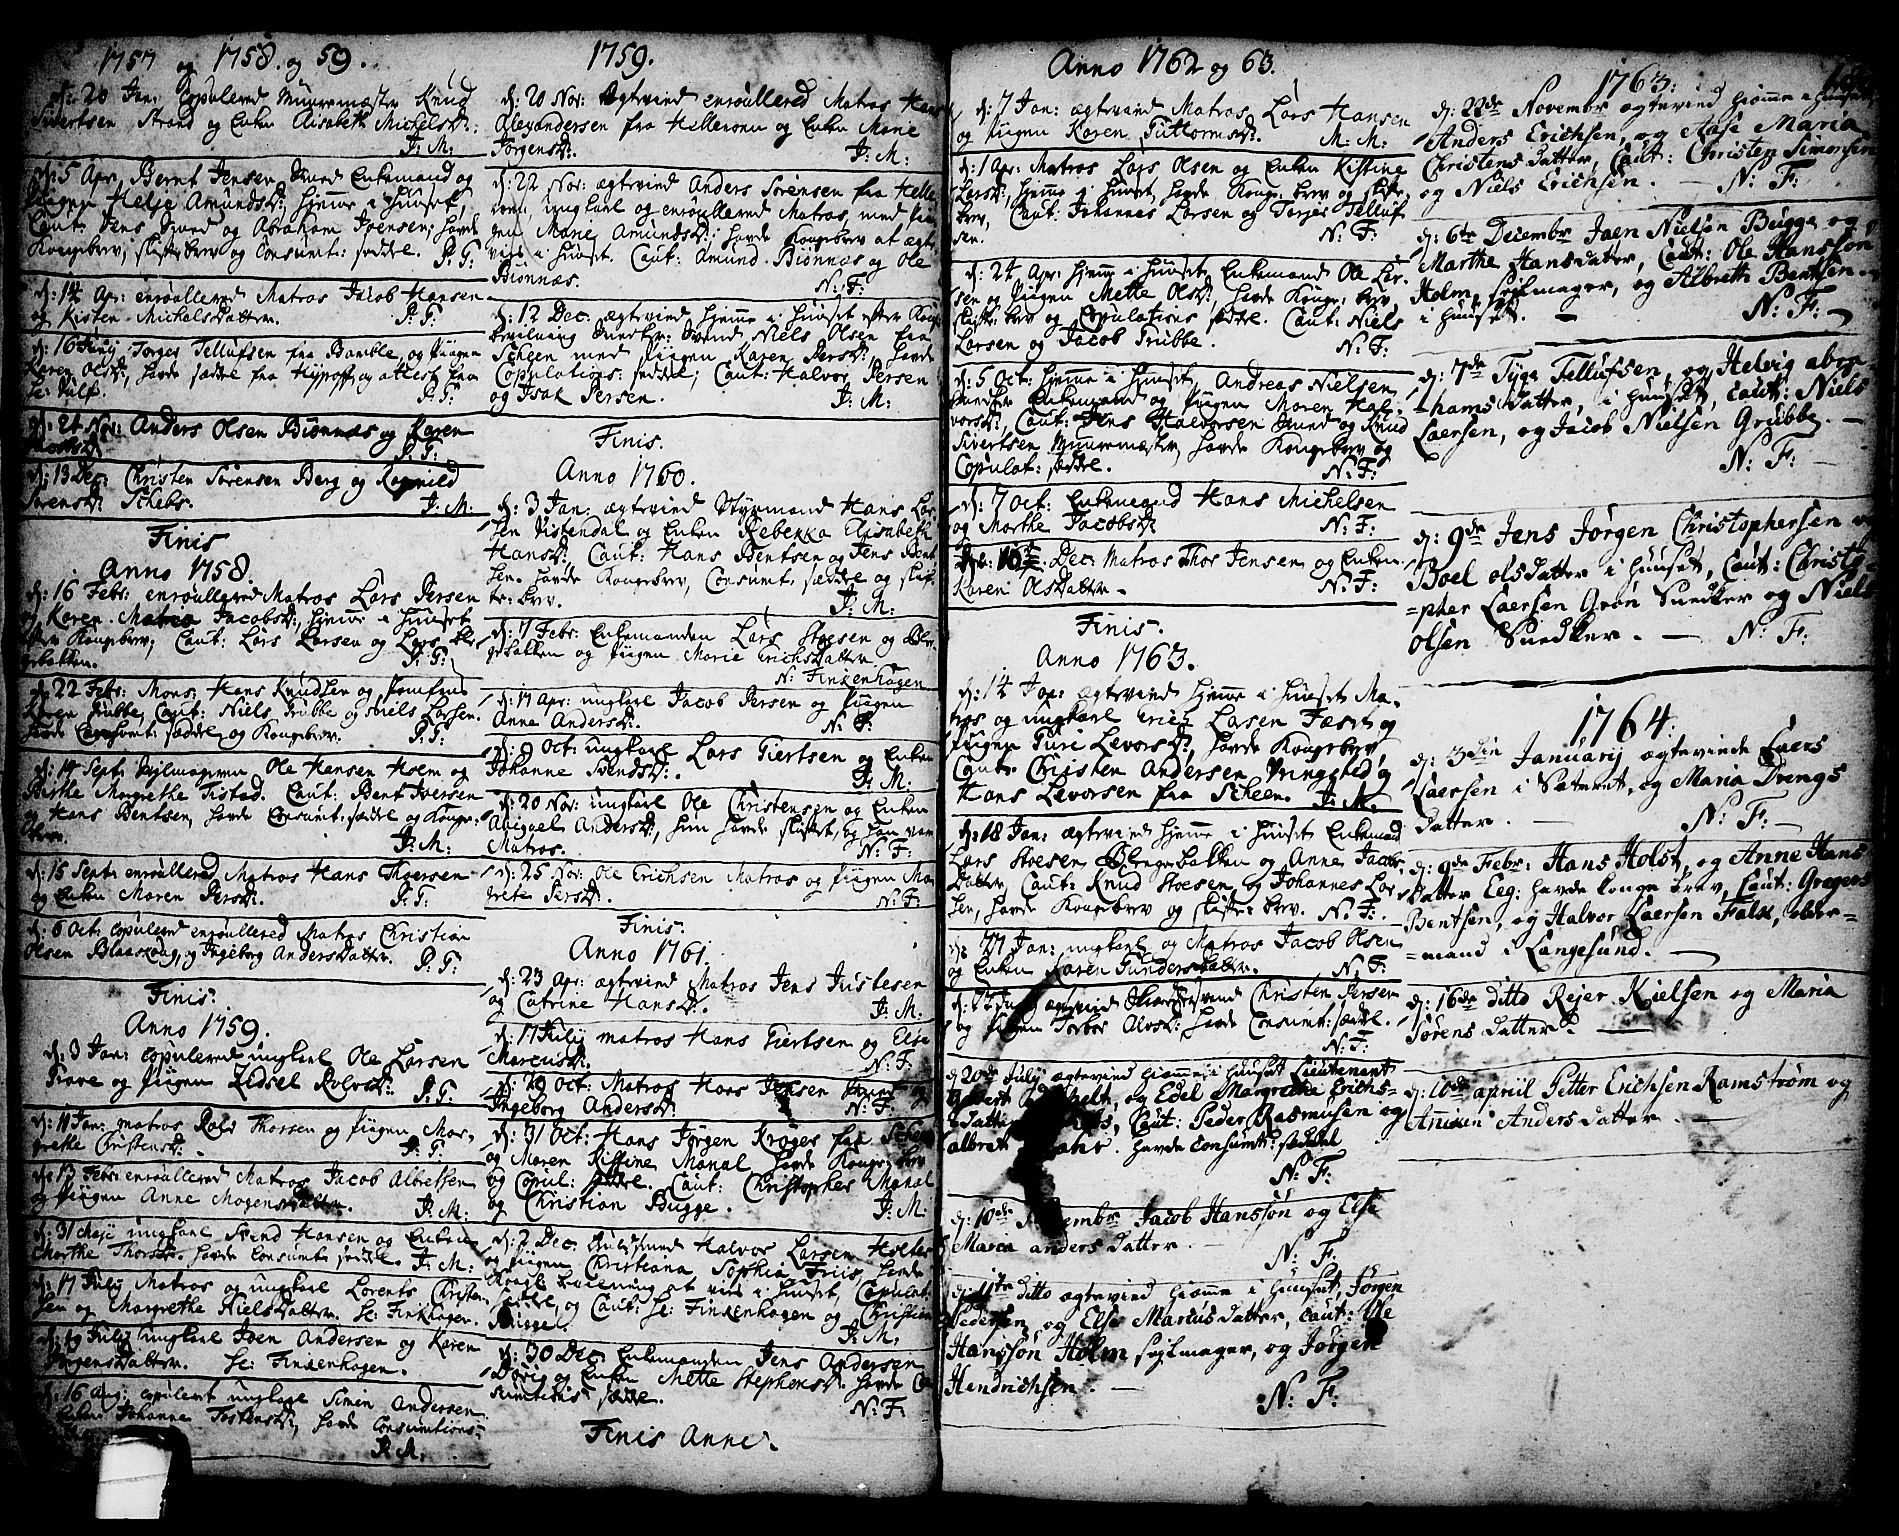 SAKO, Brevik kirkebøker, F/Fa/L0002: Ministerialbok nr. 2, 1720-1764, s. 18